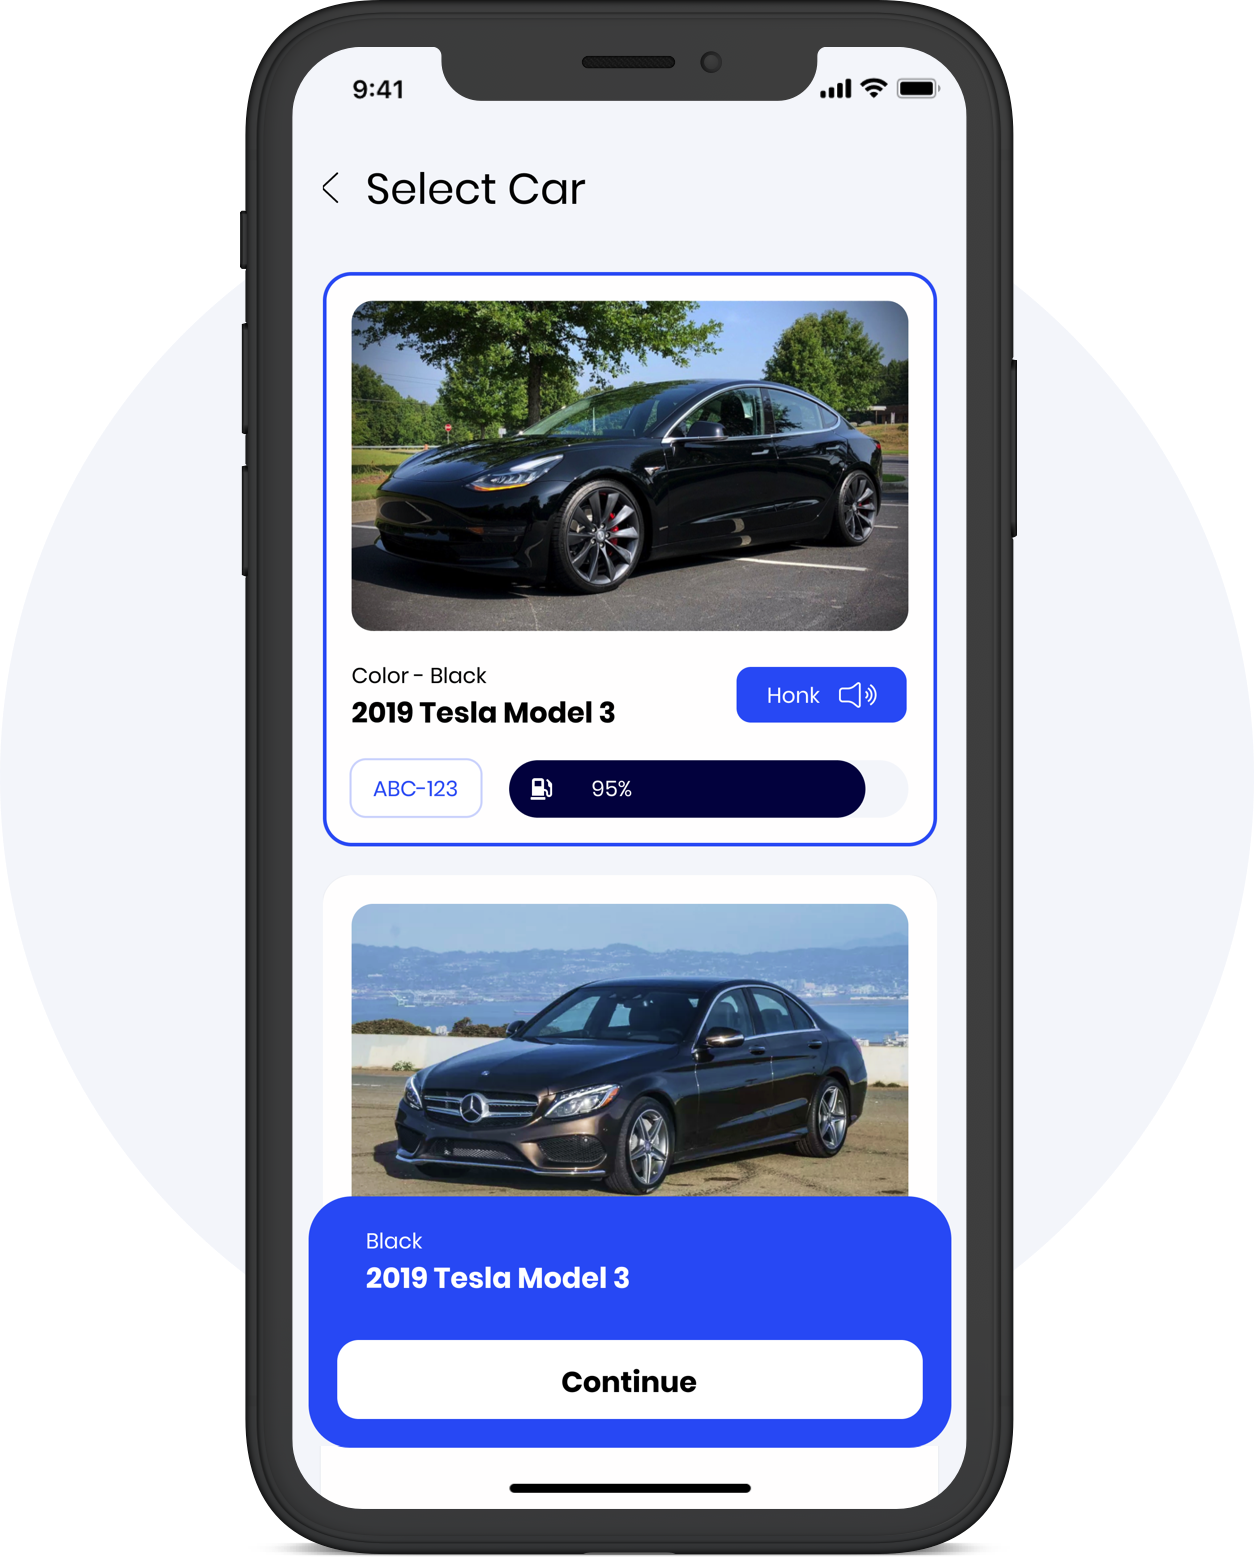 Caramel app select car screen